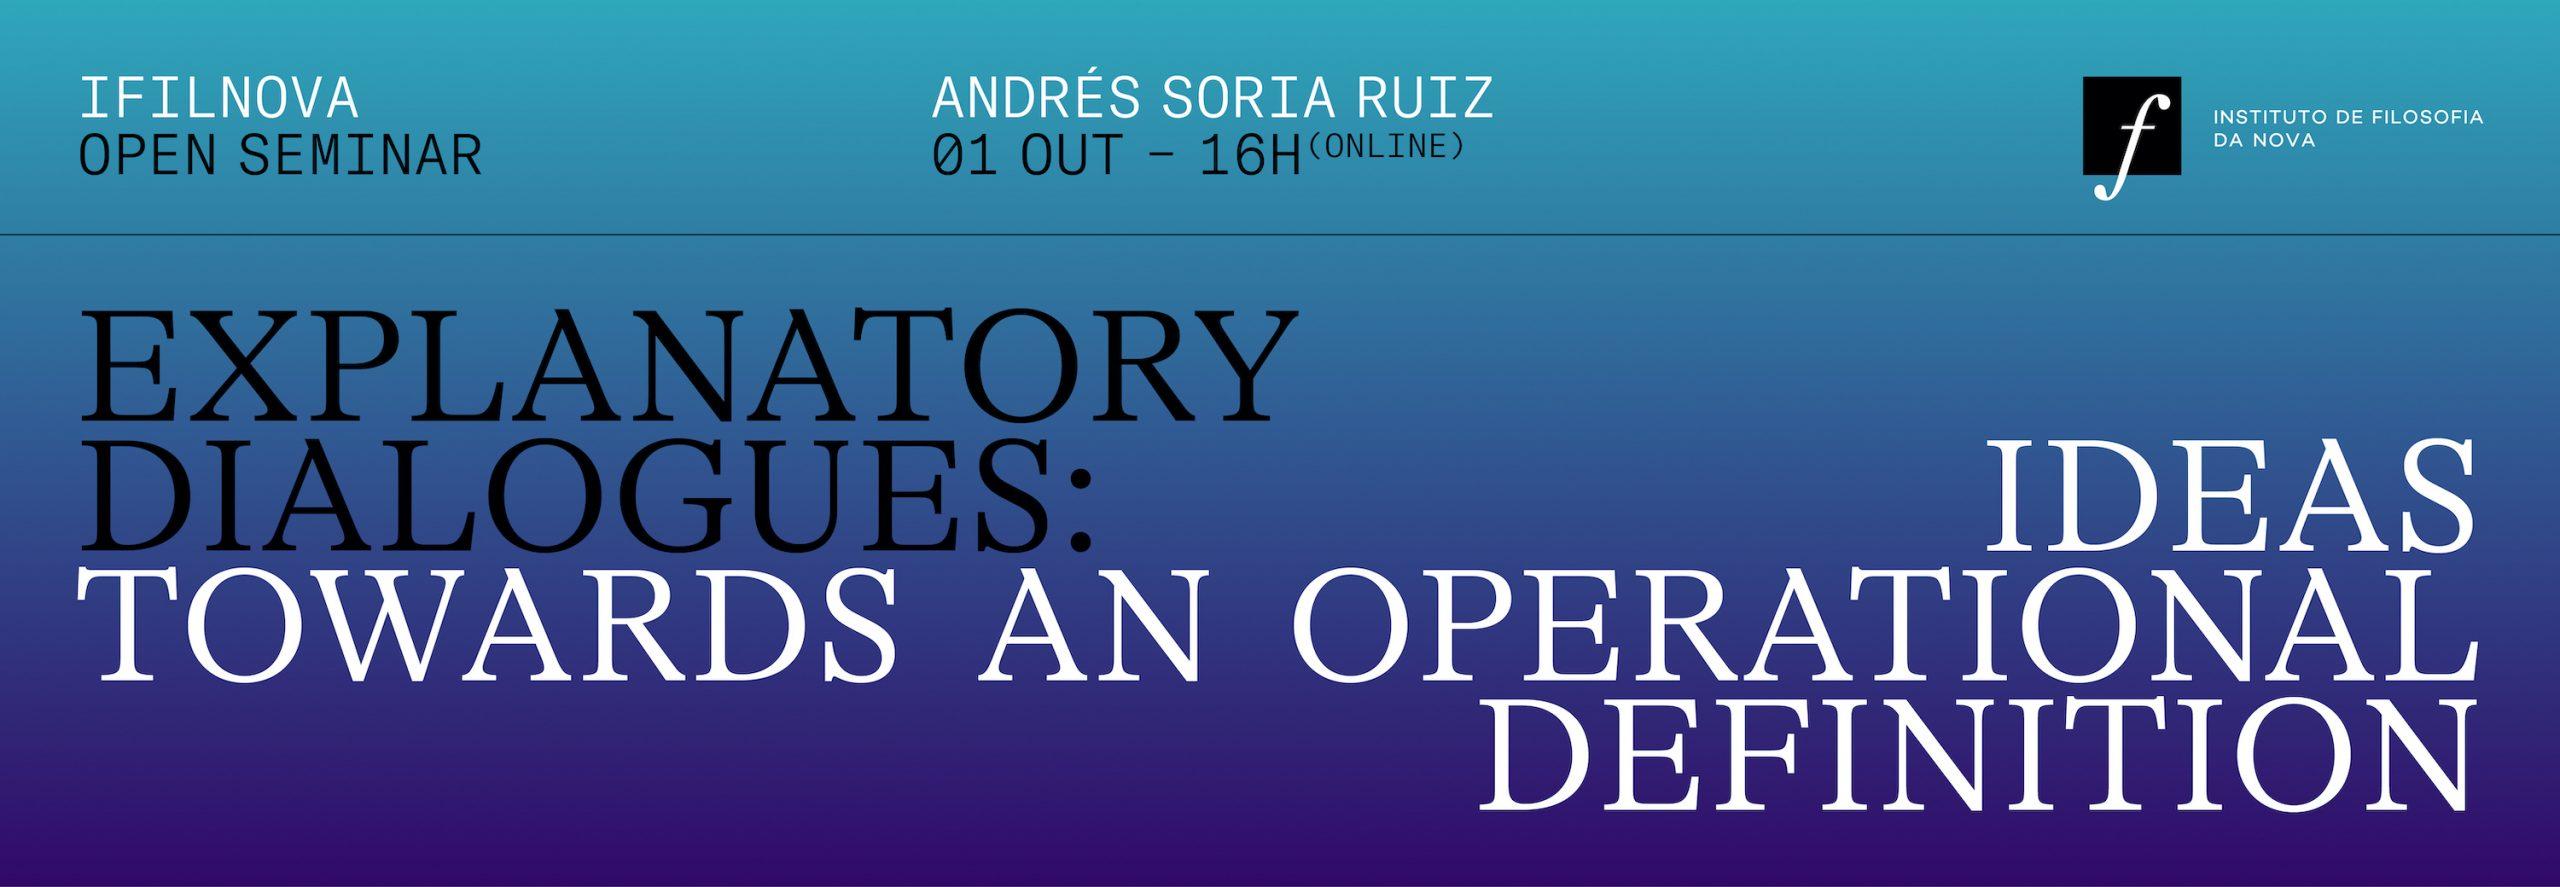 open seminar banner